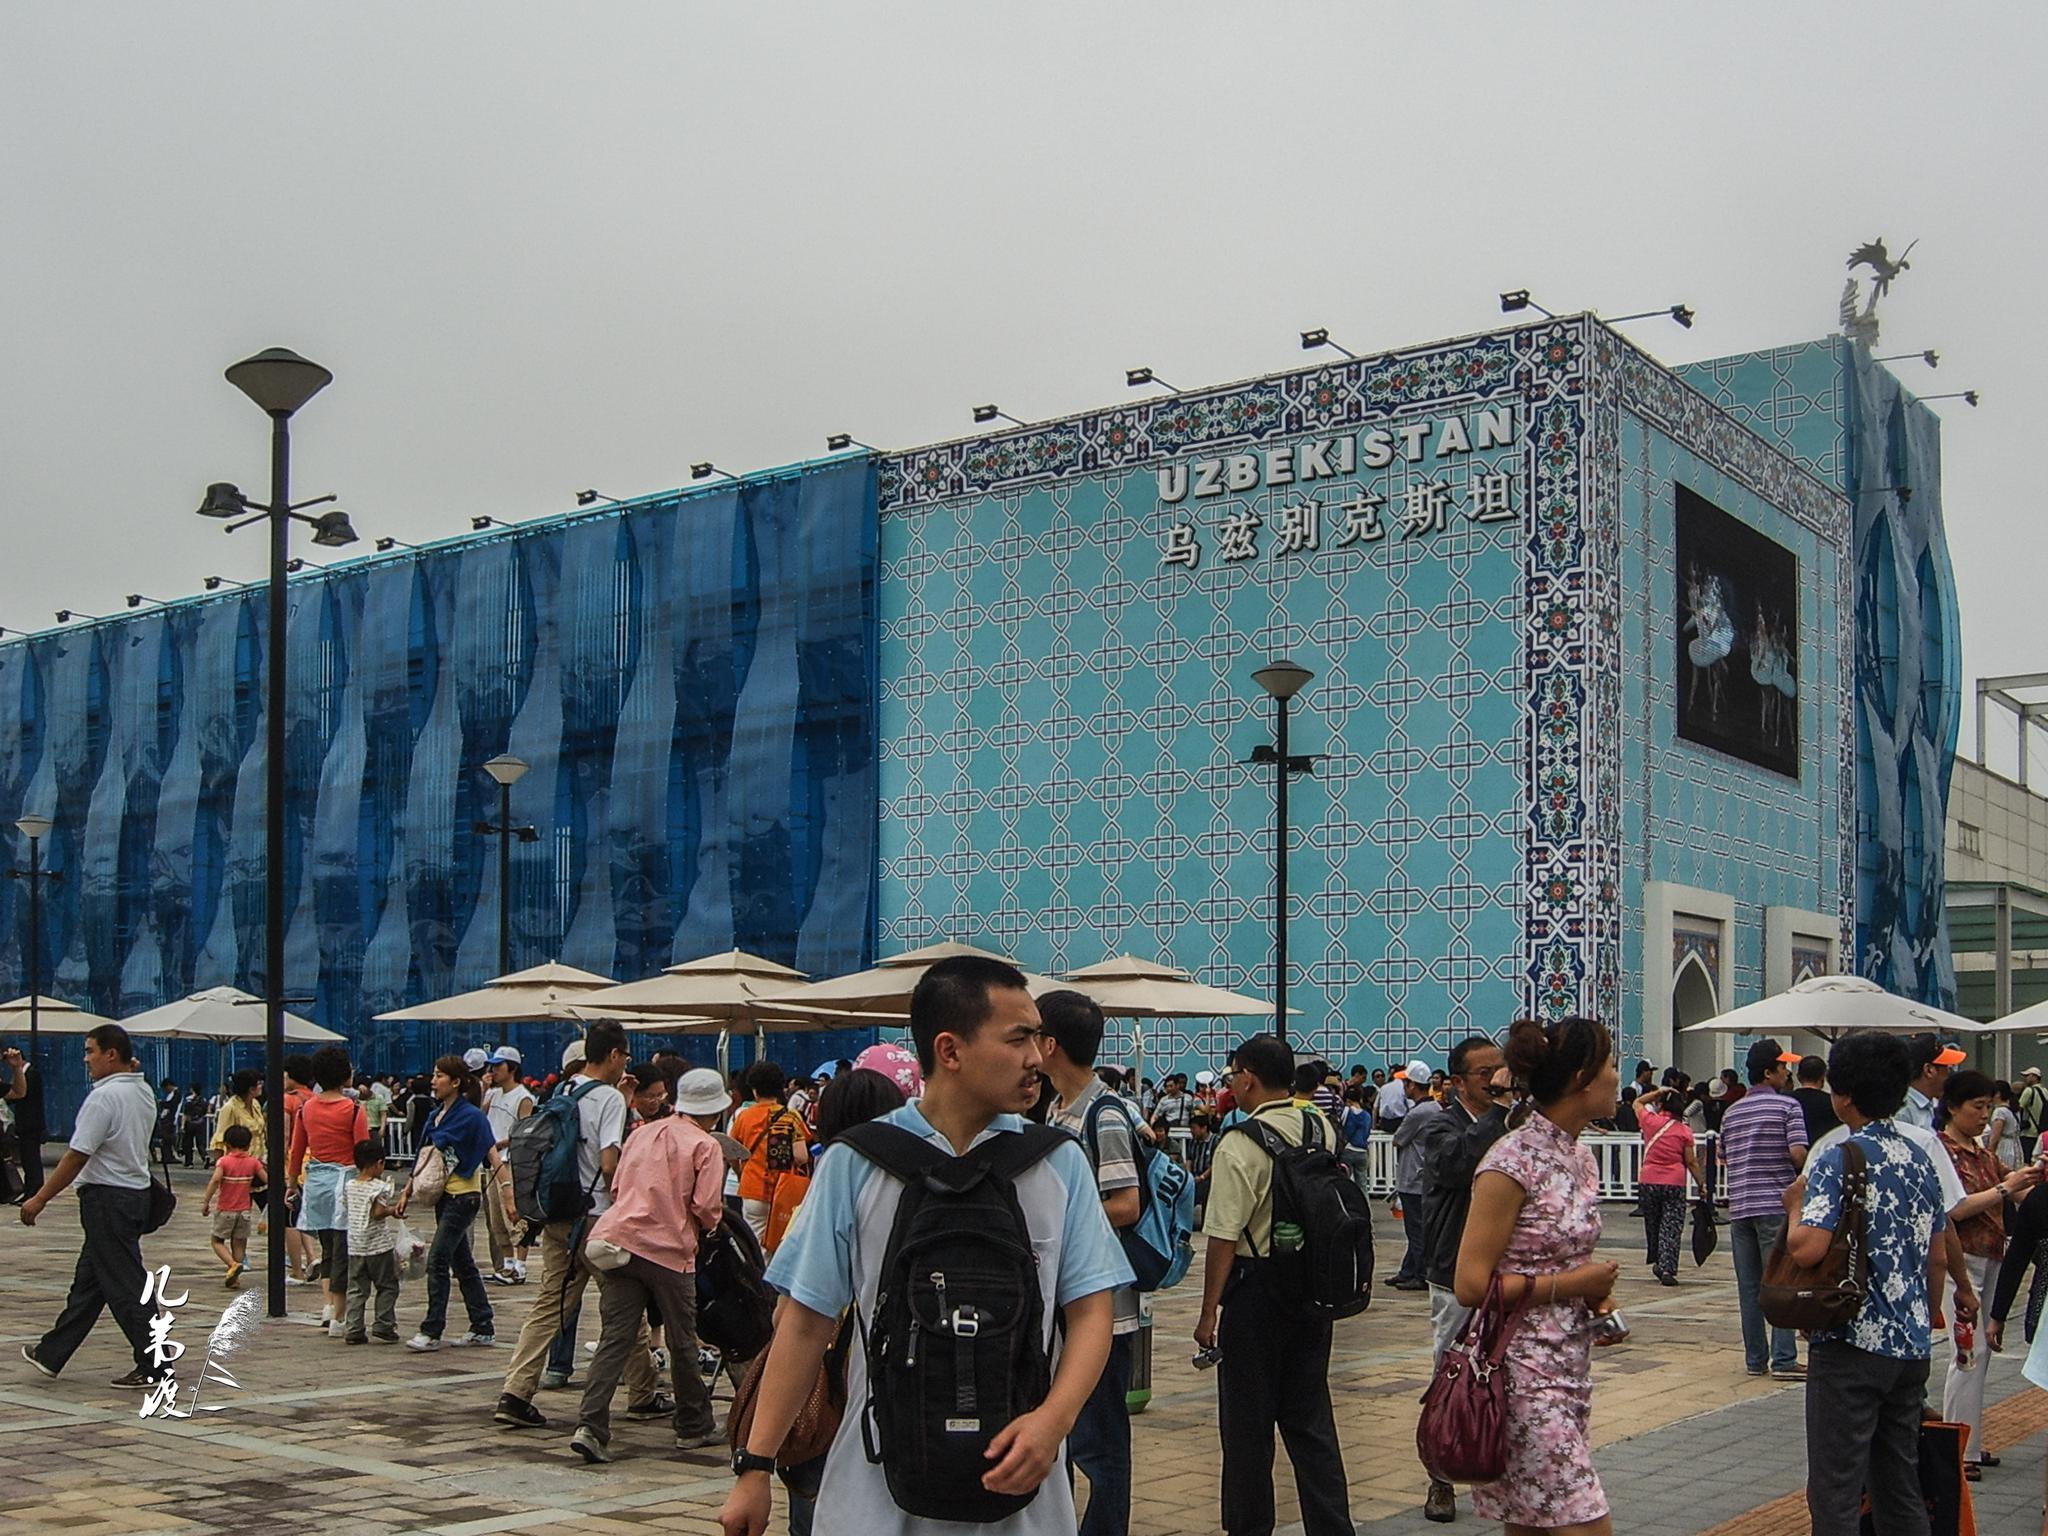 (十三)乌兹别克斯坦、印度、韩国亚洲联合馆、中国馆……